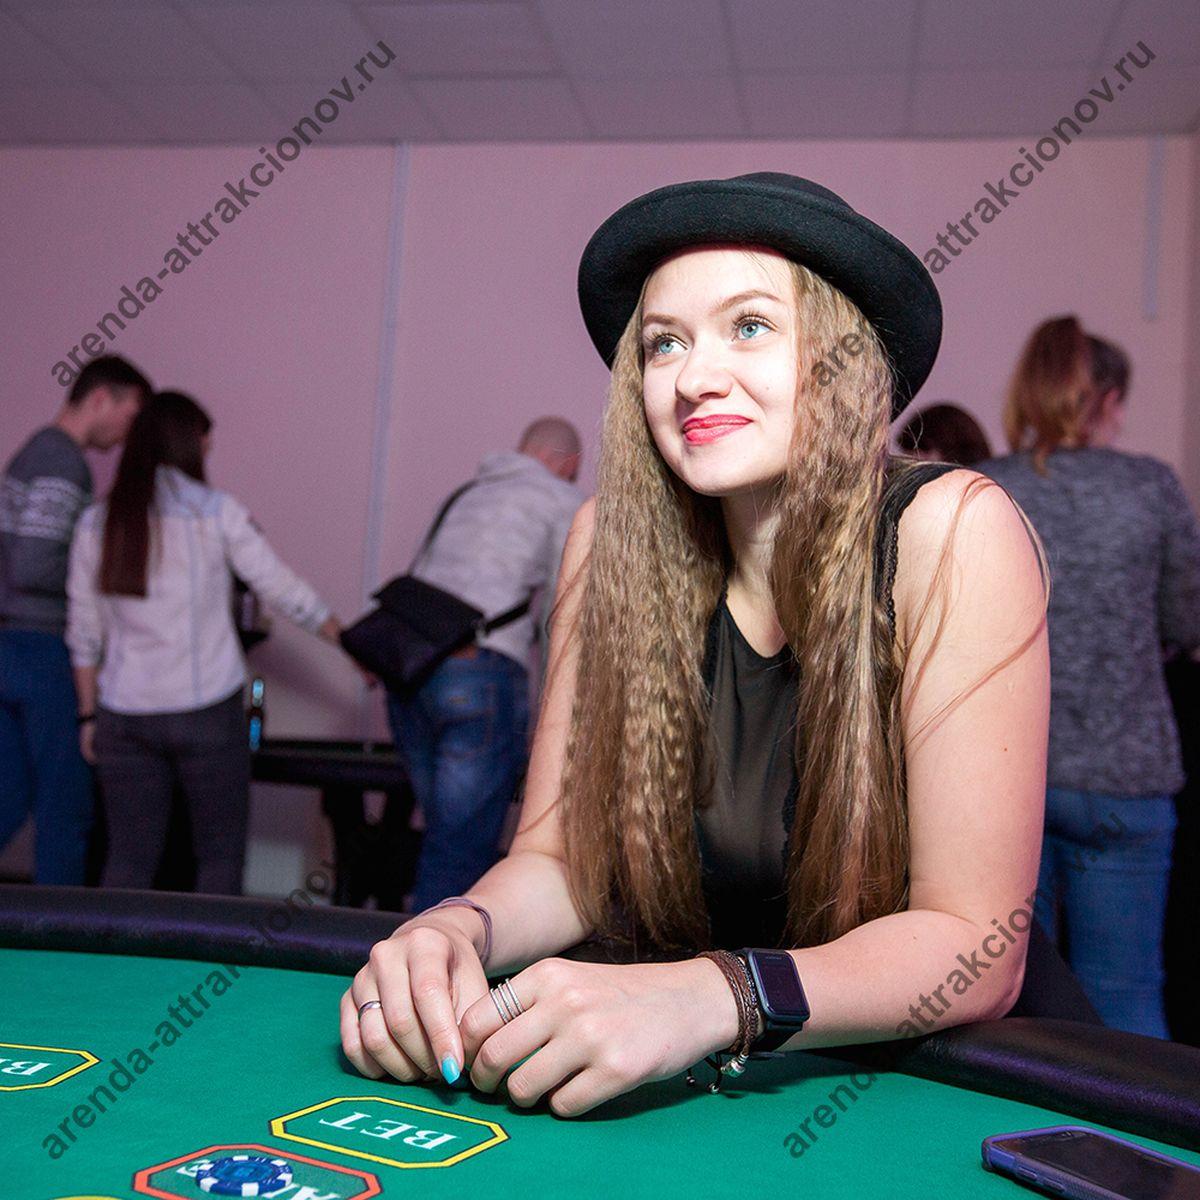 Аренда покерного стола и оборудования